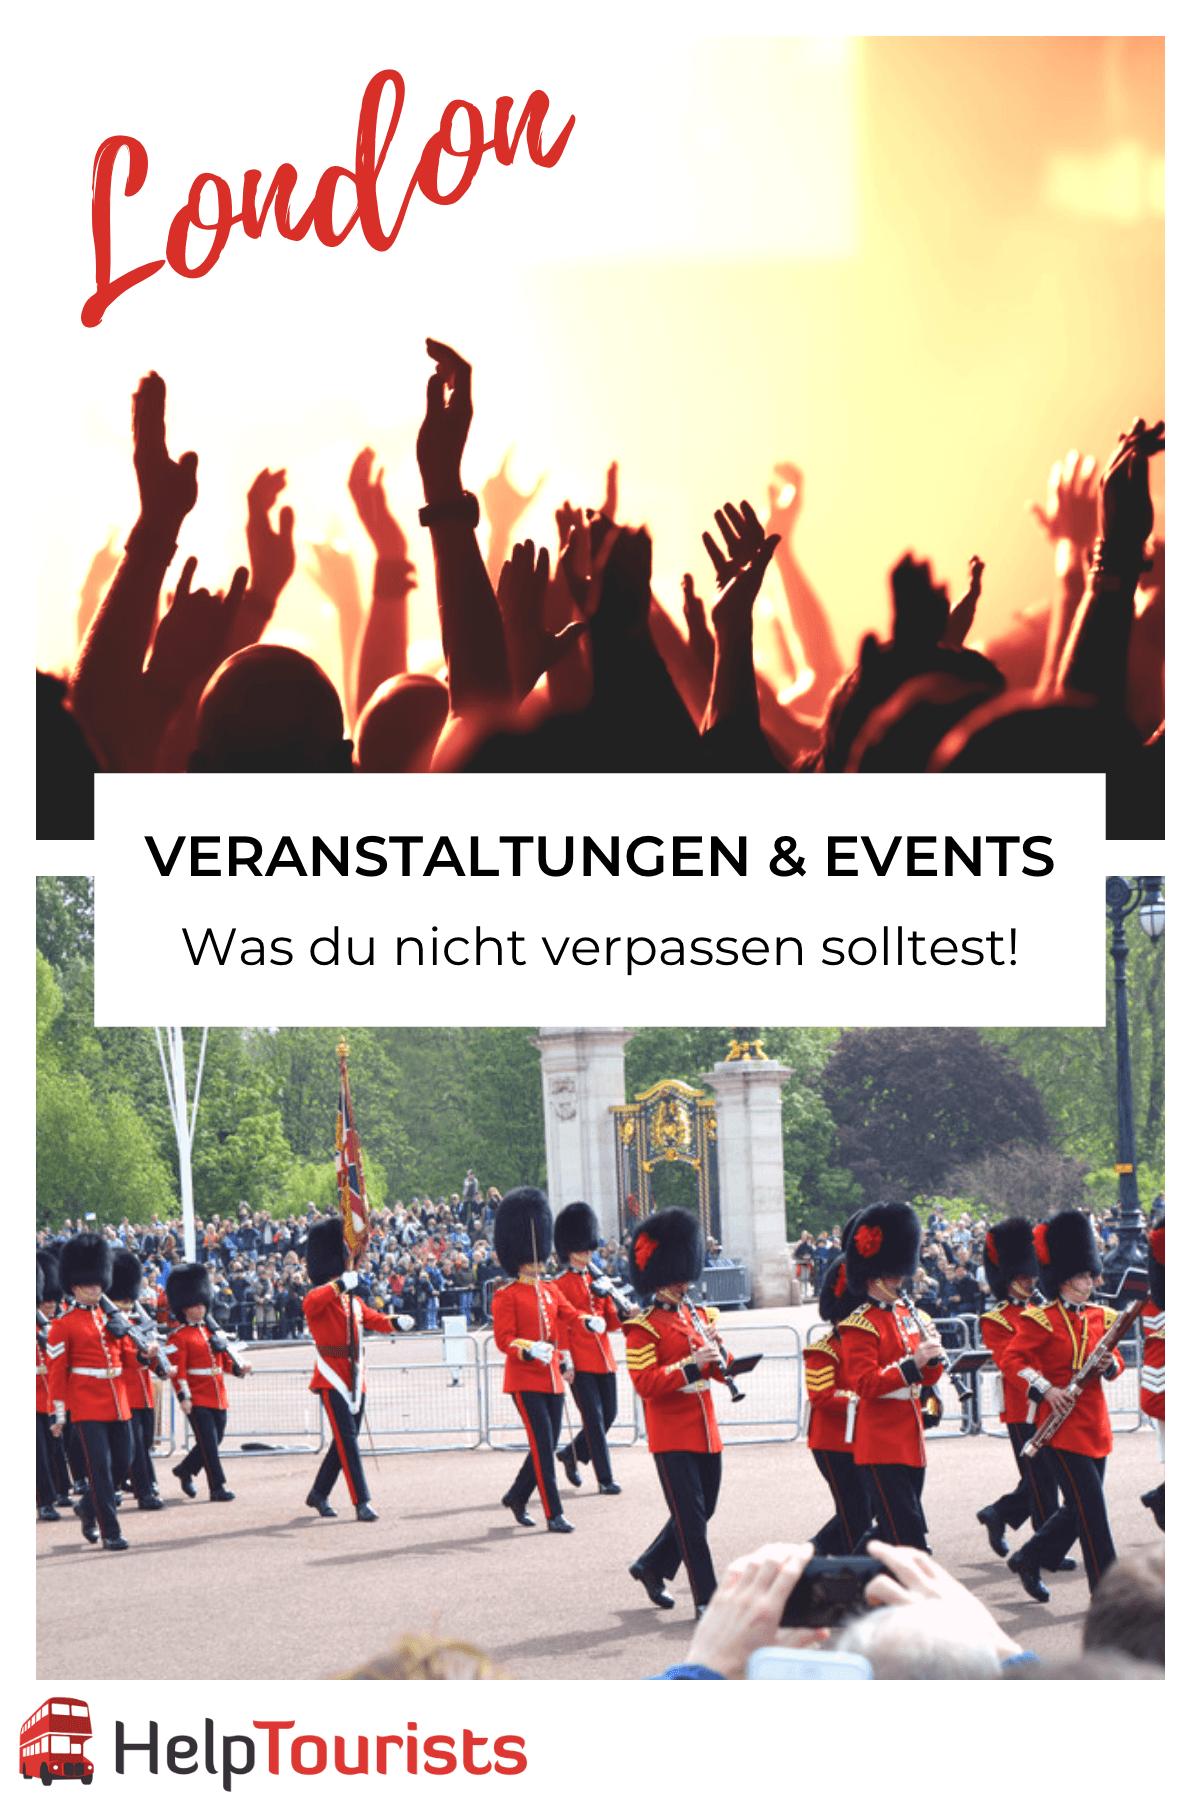 Veranstaltungen und Events in London